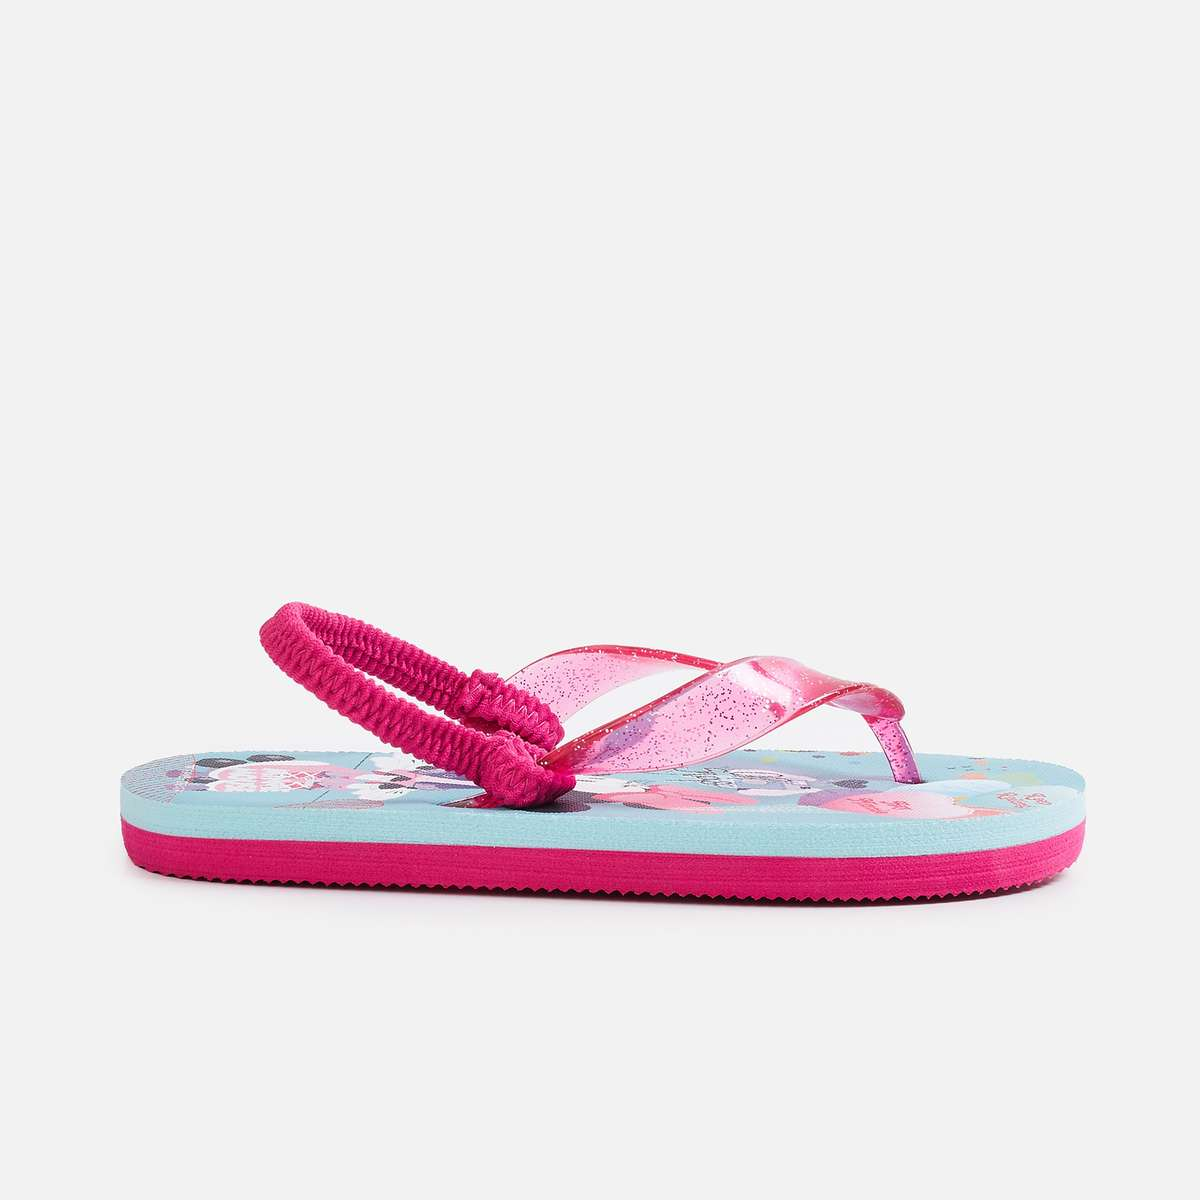 2.FAME FOREVER Girls Printed Sling Back Slippers